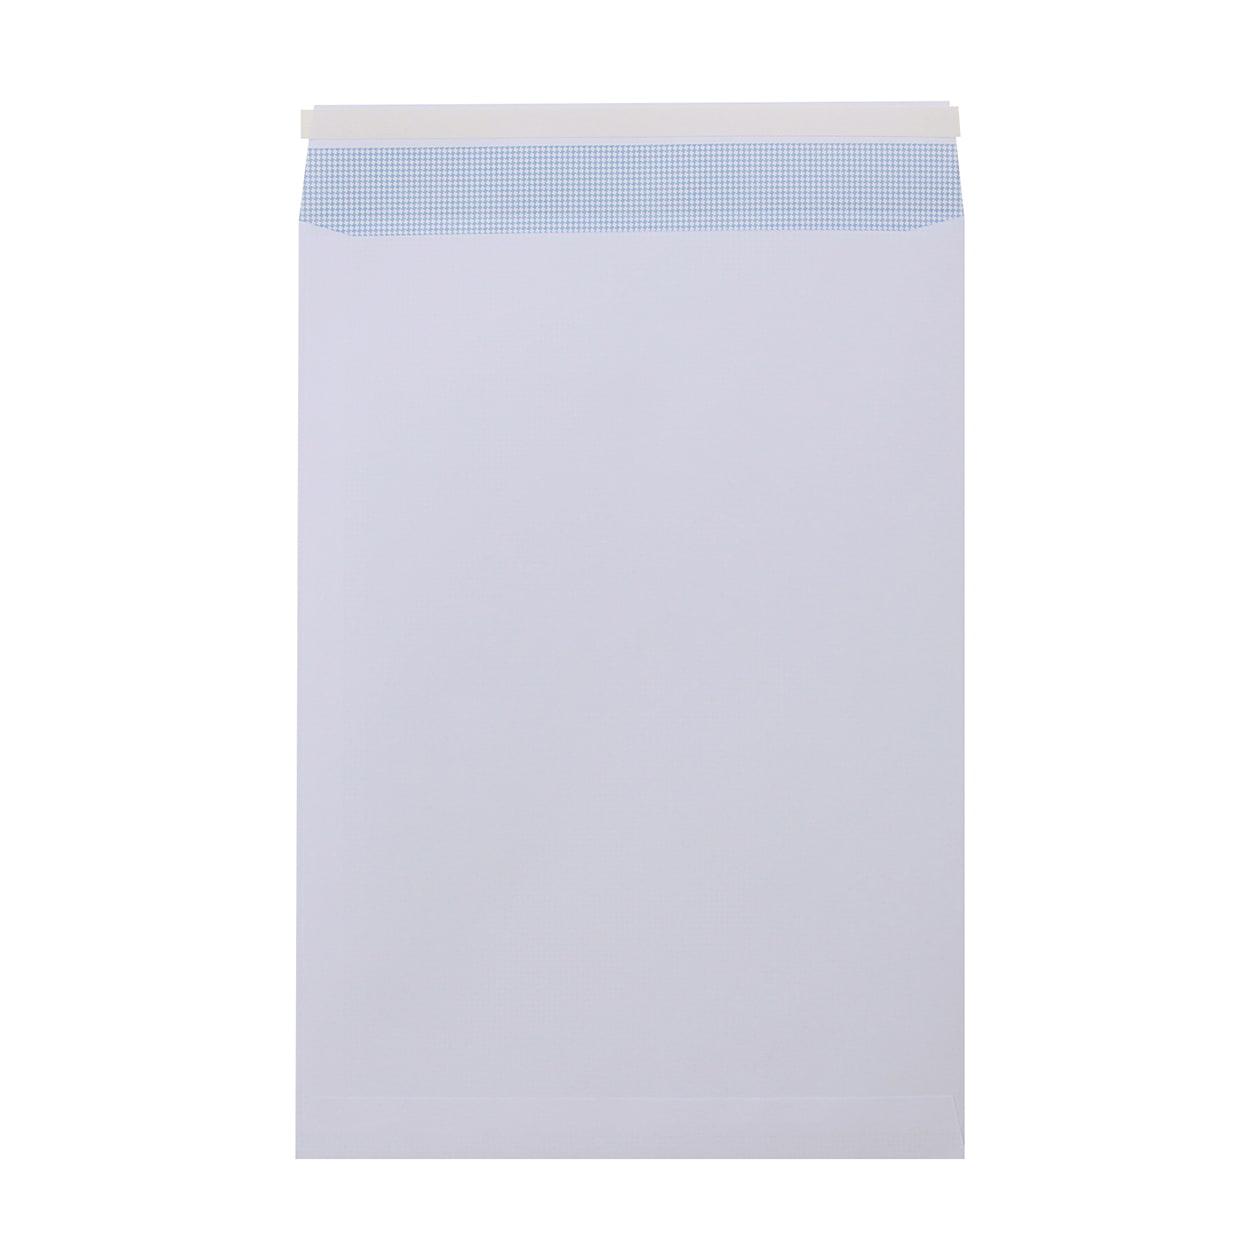 サンプル 封筒・袋 00036